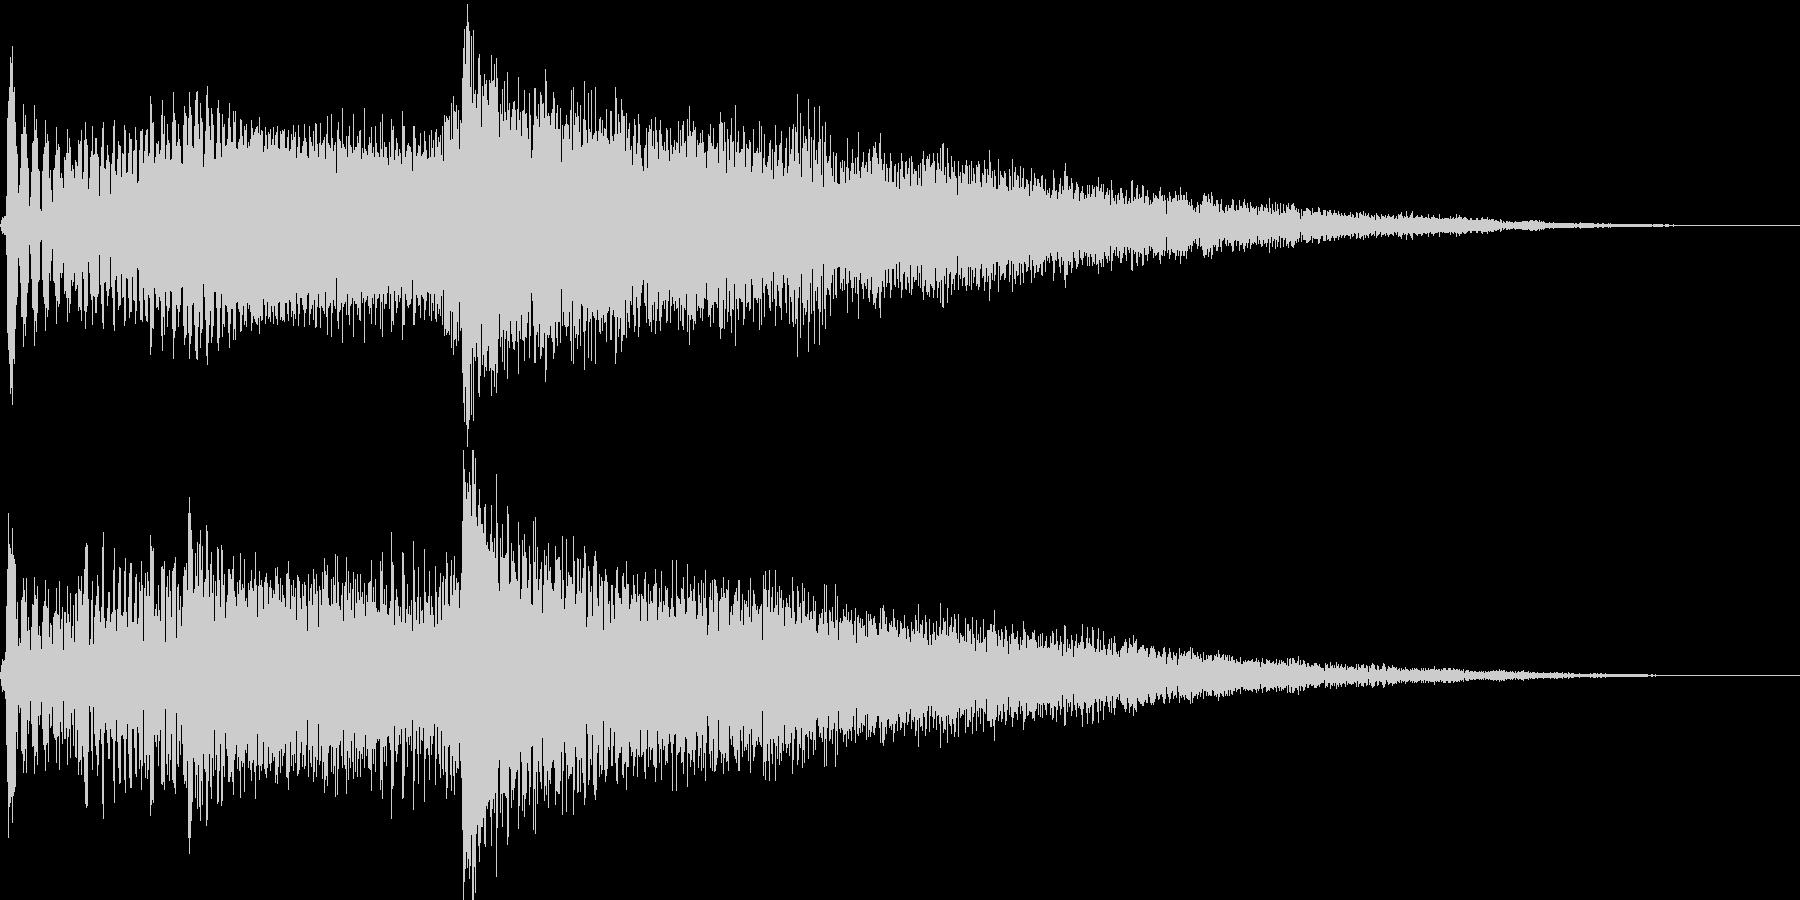 アイキャッチ用ジングル3 - アコギ+αの未再生の波形